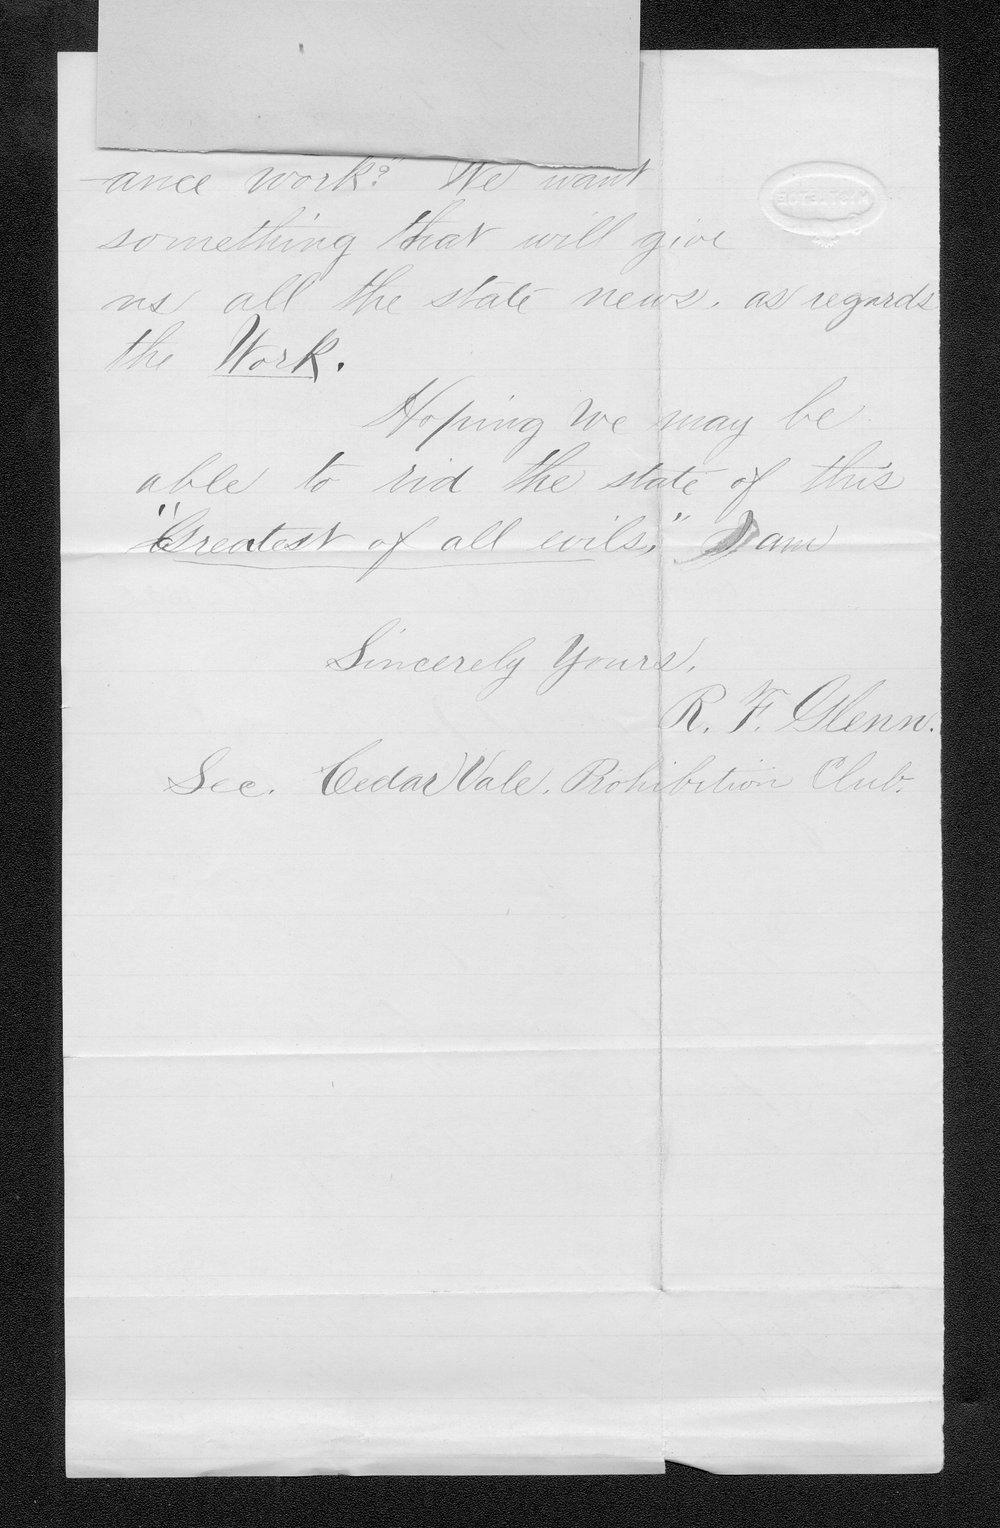 R. F. Glenn to Governor John St. John - 2